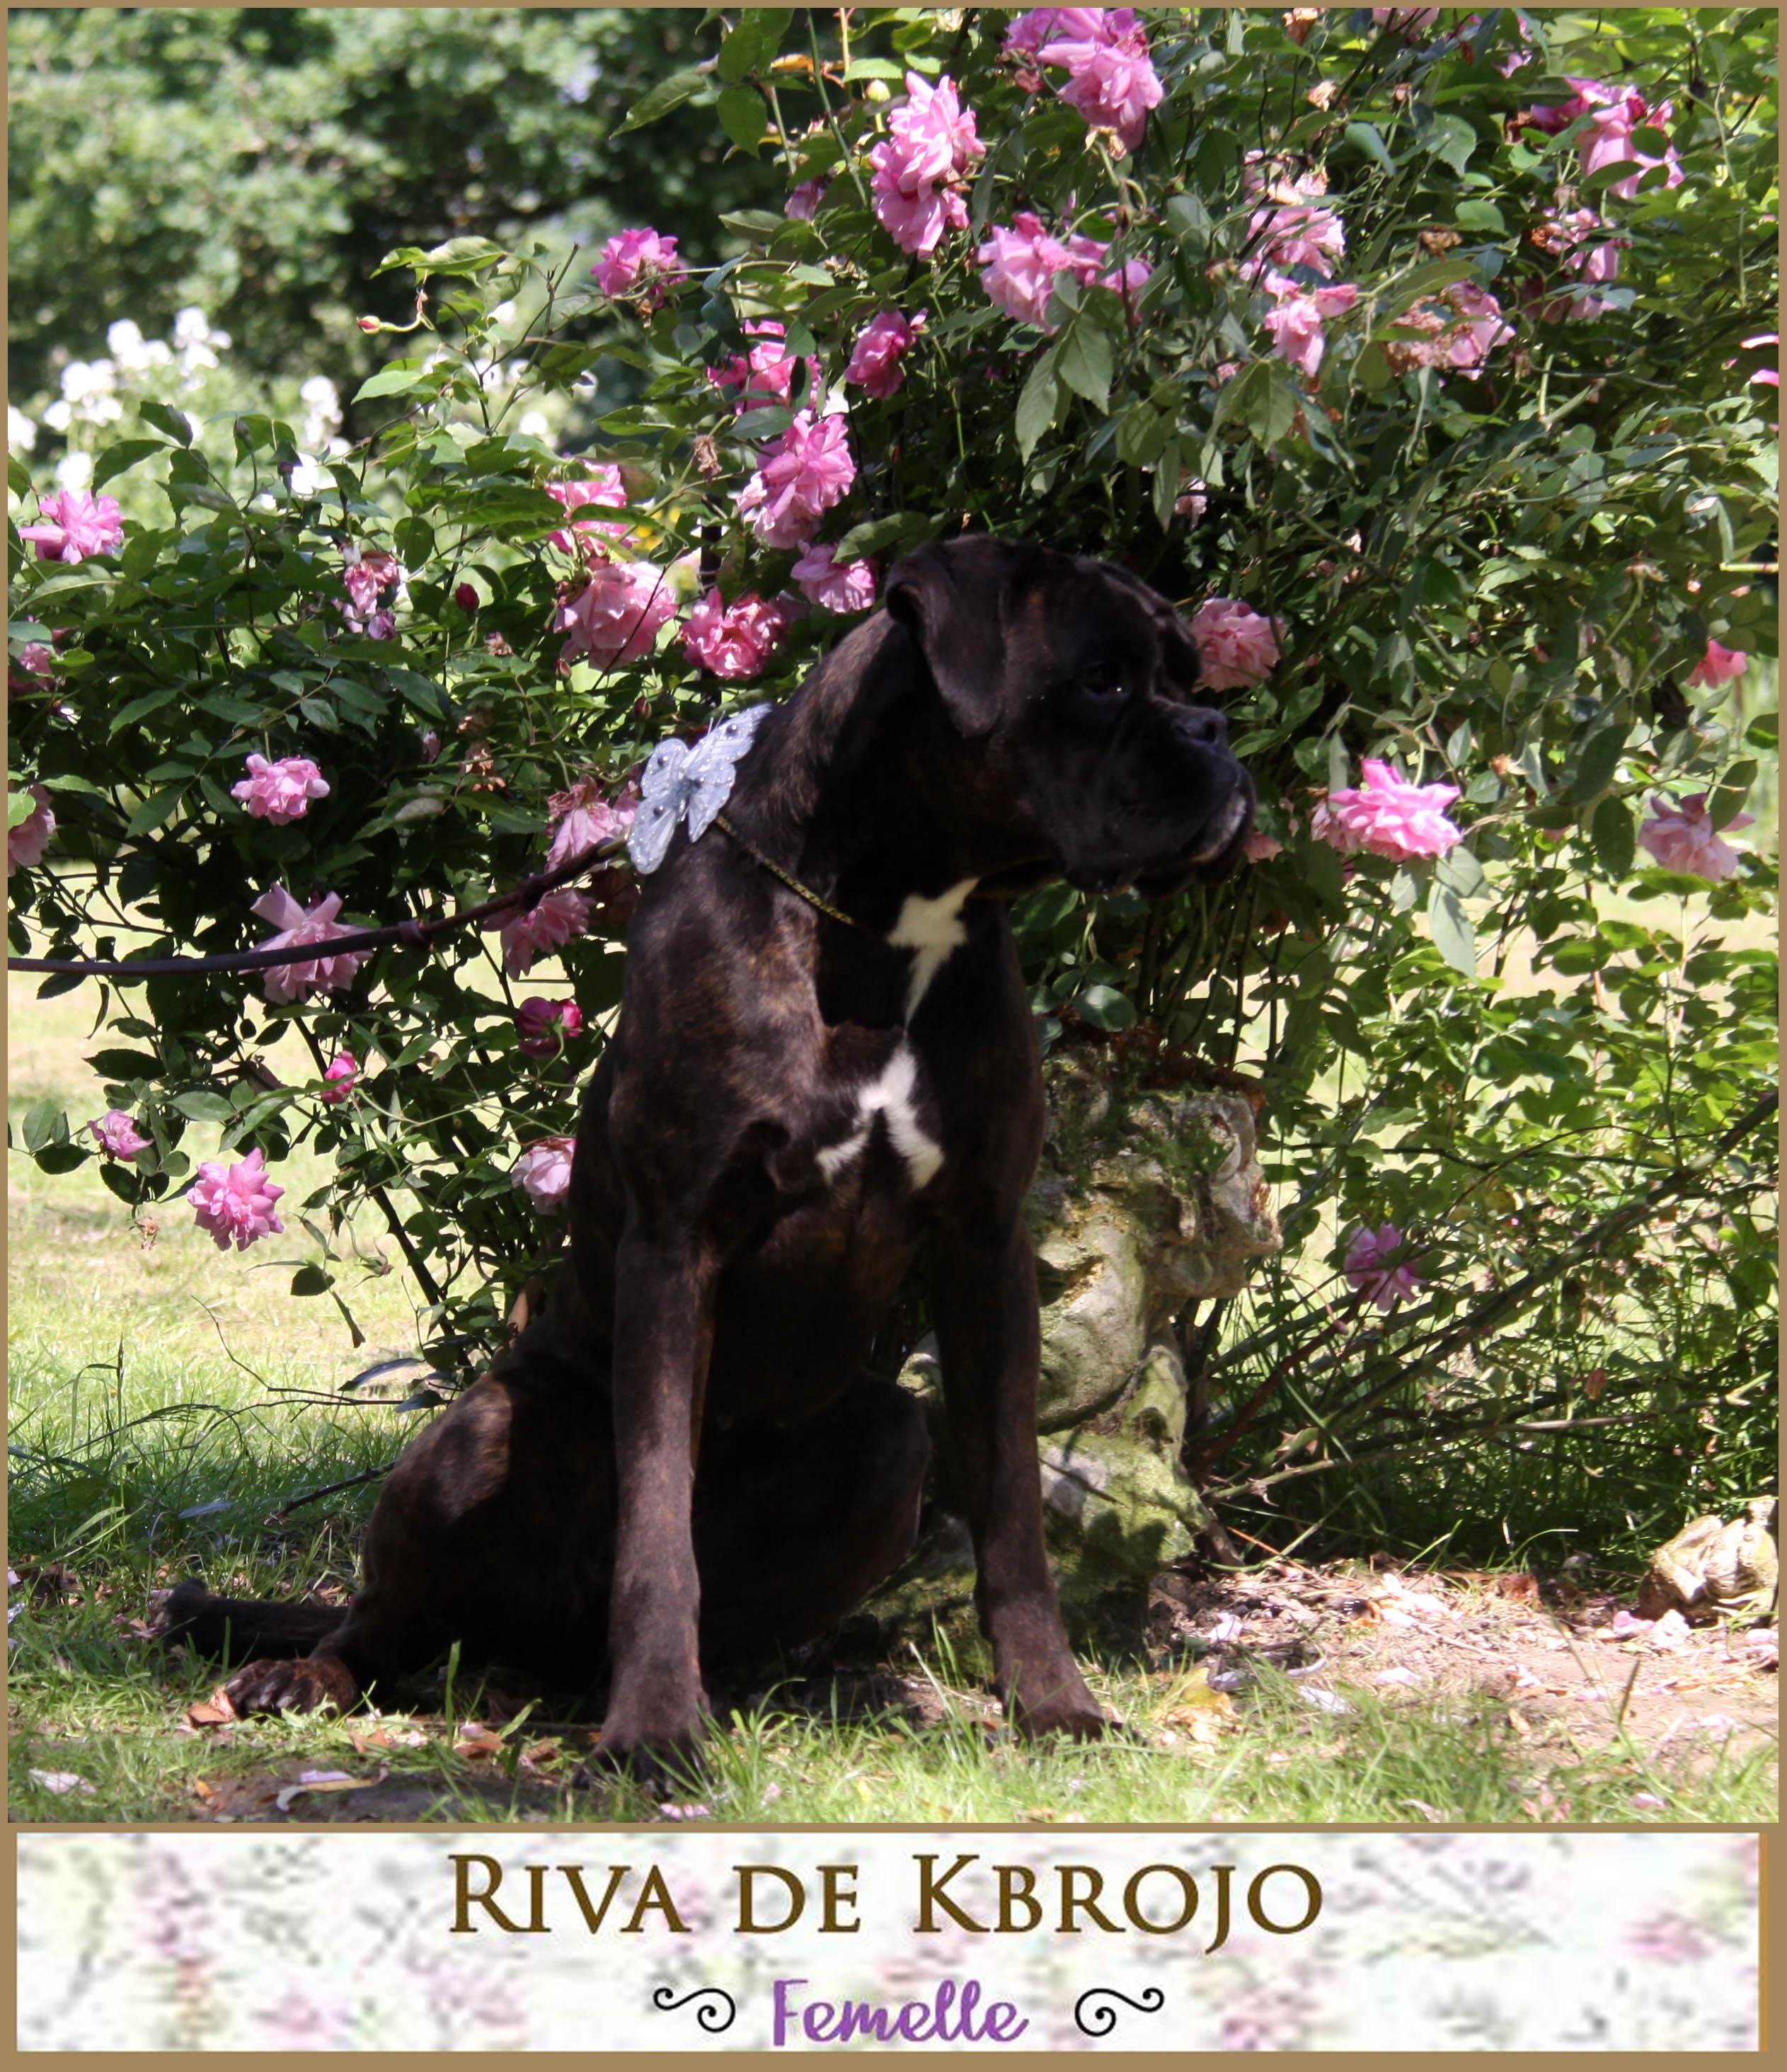 Riva de Kbrojo